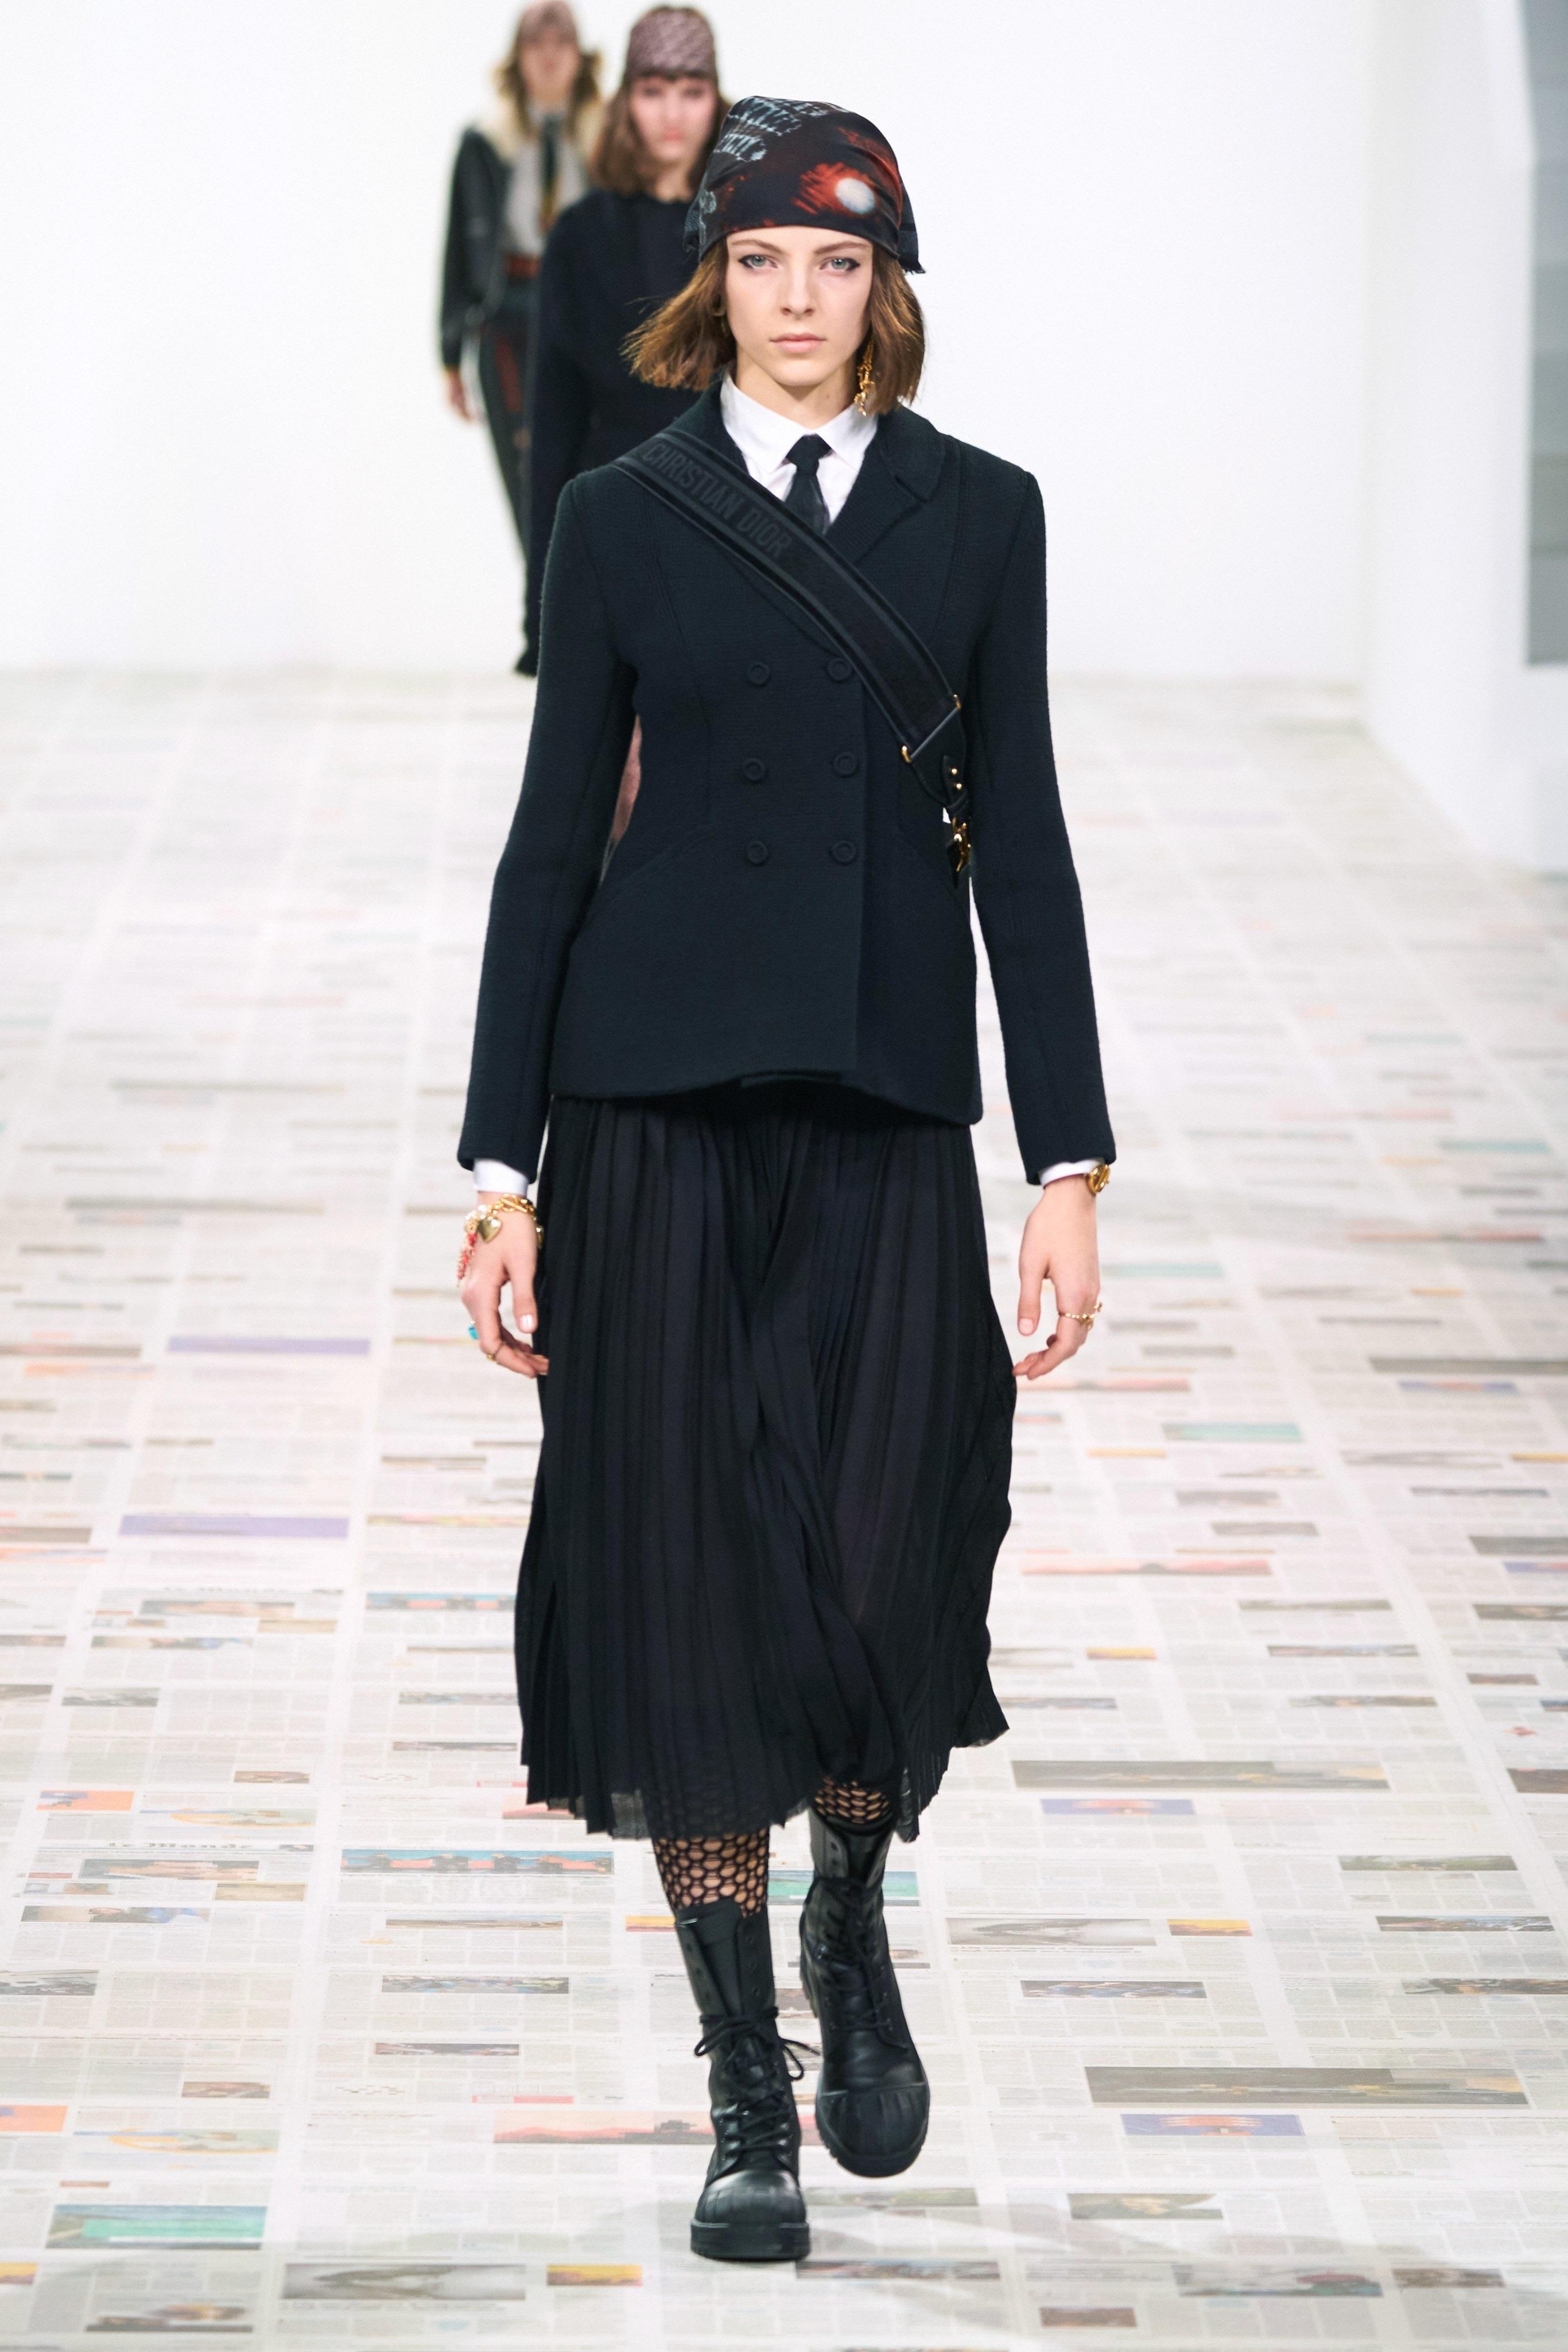 Thời trang nữ quyền của Dior tại Paris Fashion Week - 4